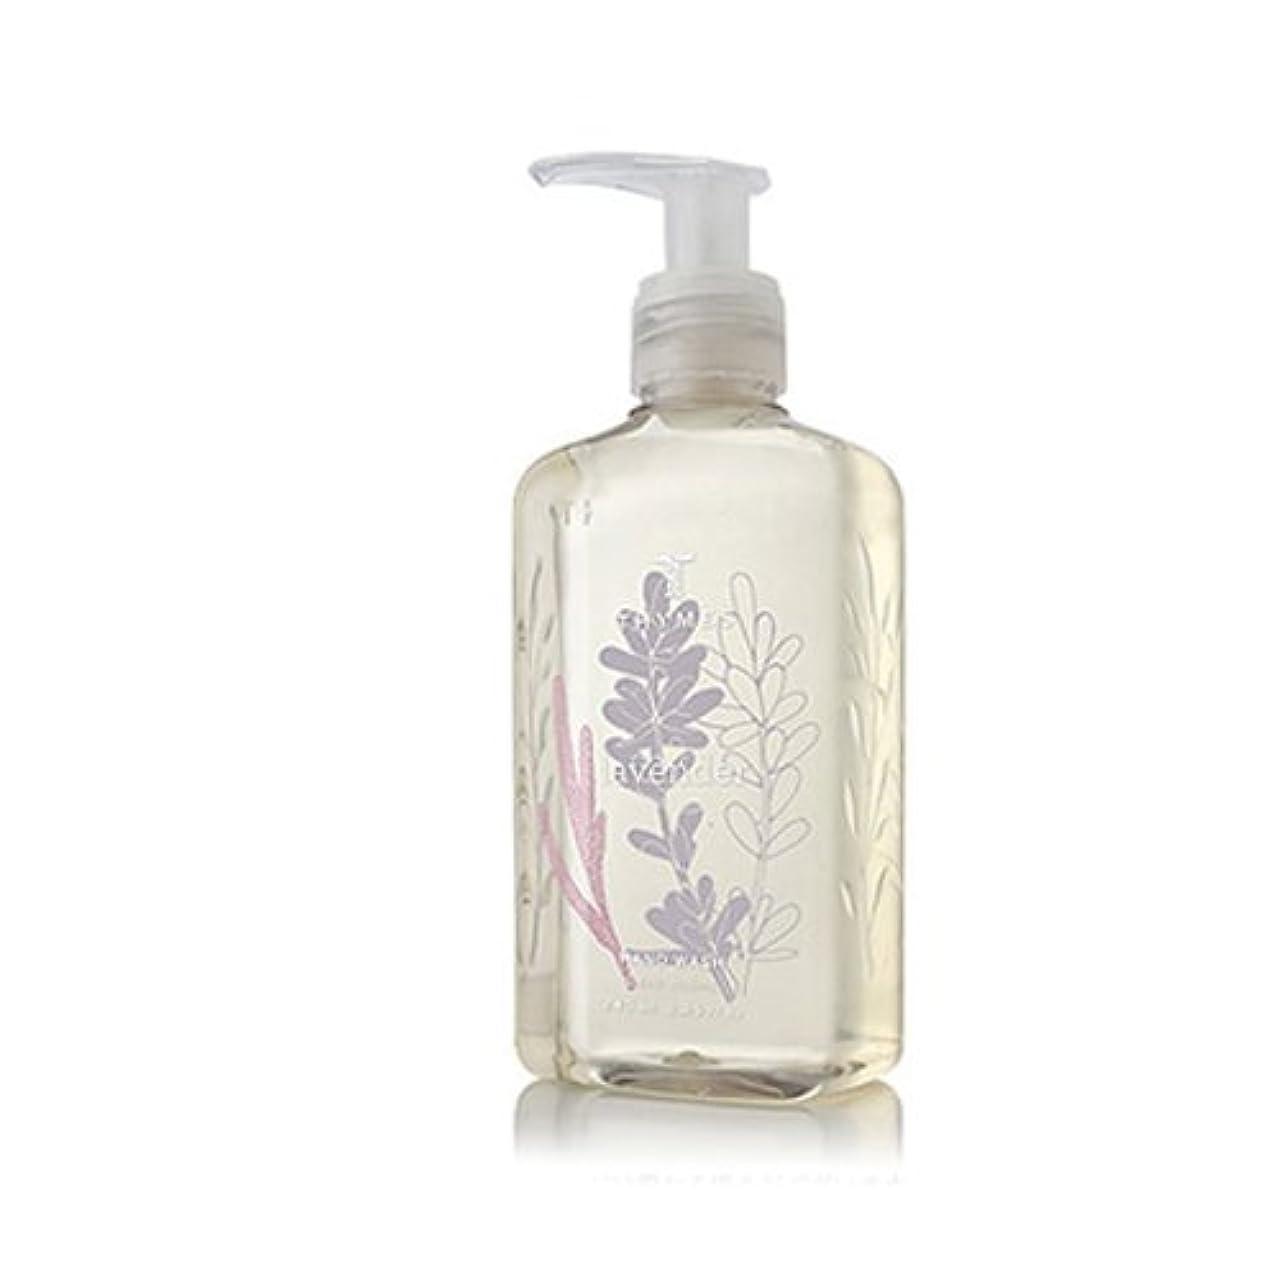 巻き取り汚れた計画的THYMES タイムズ ハンドウォッシュ 240ml ラベンダー Hand Wash 8.25 fl oz Lavender [並行輸入品]